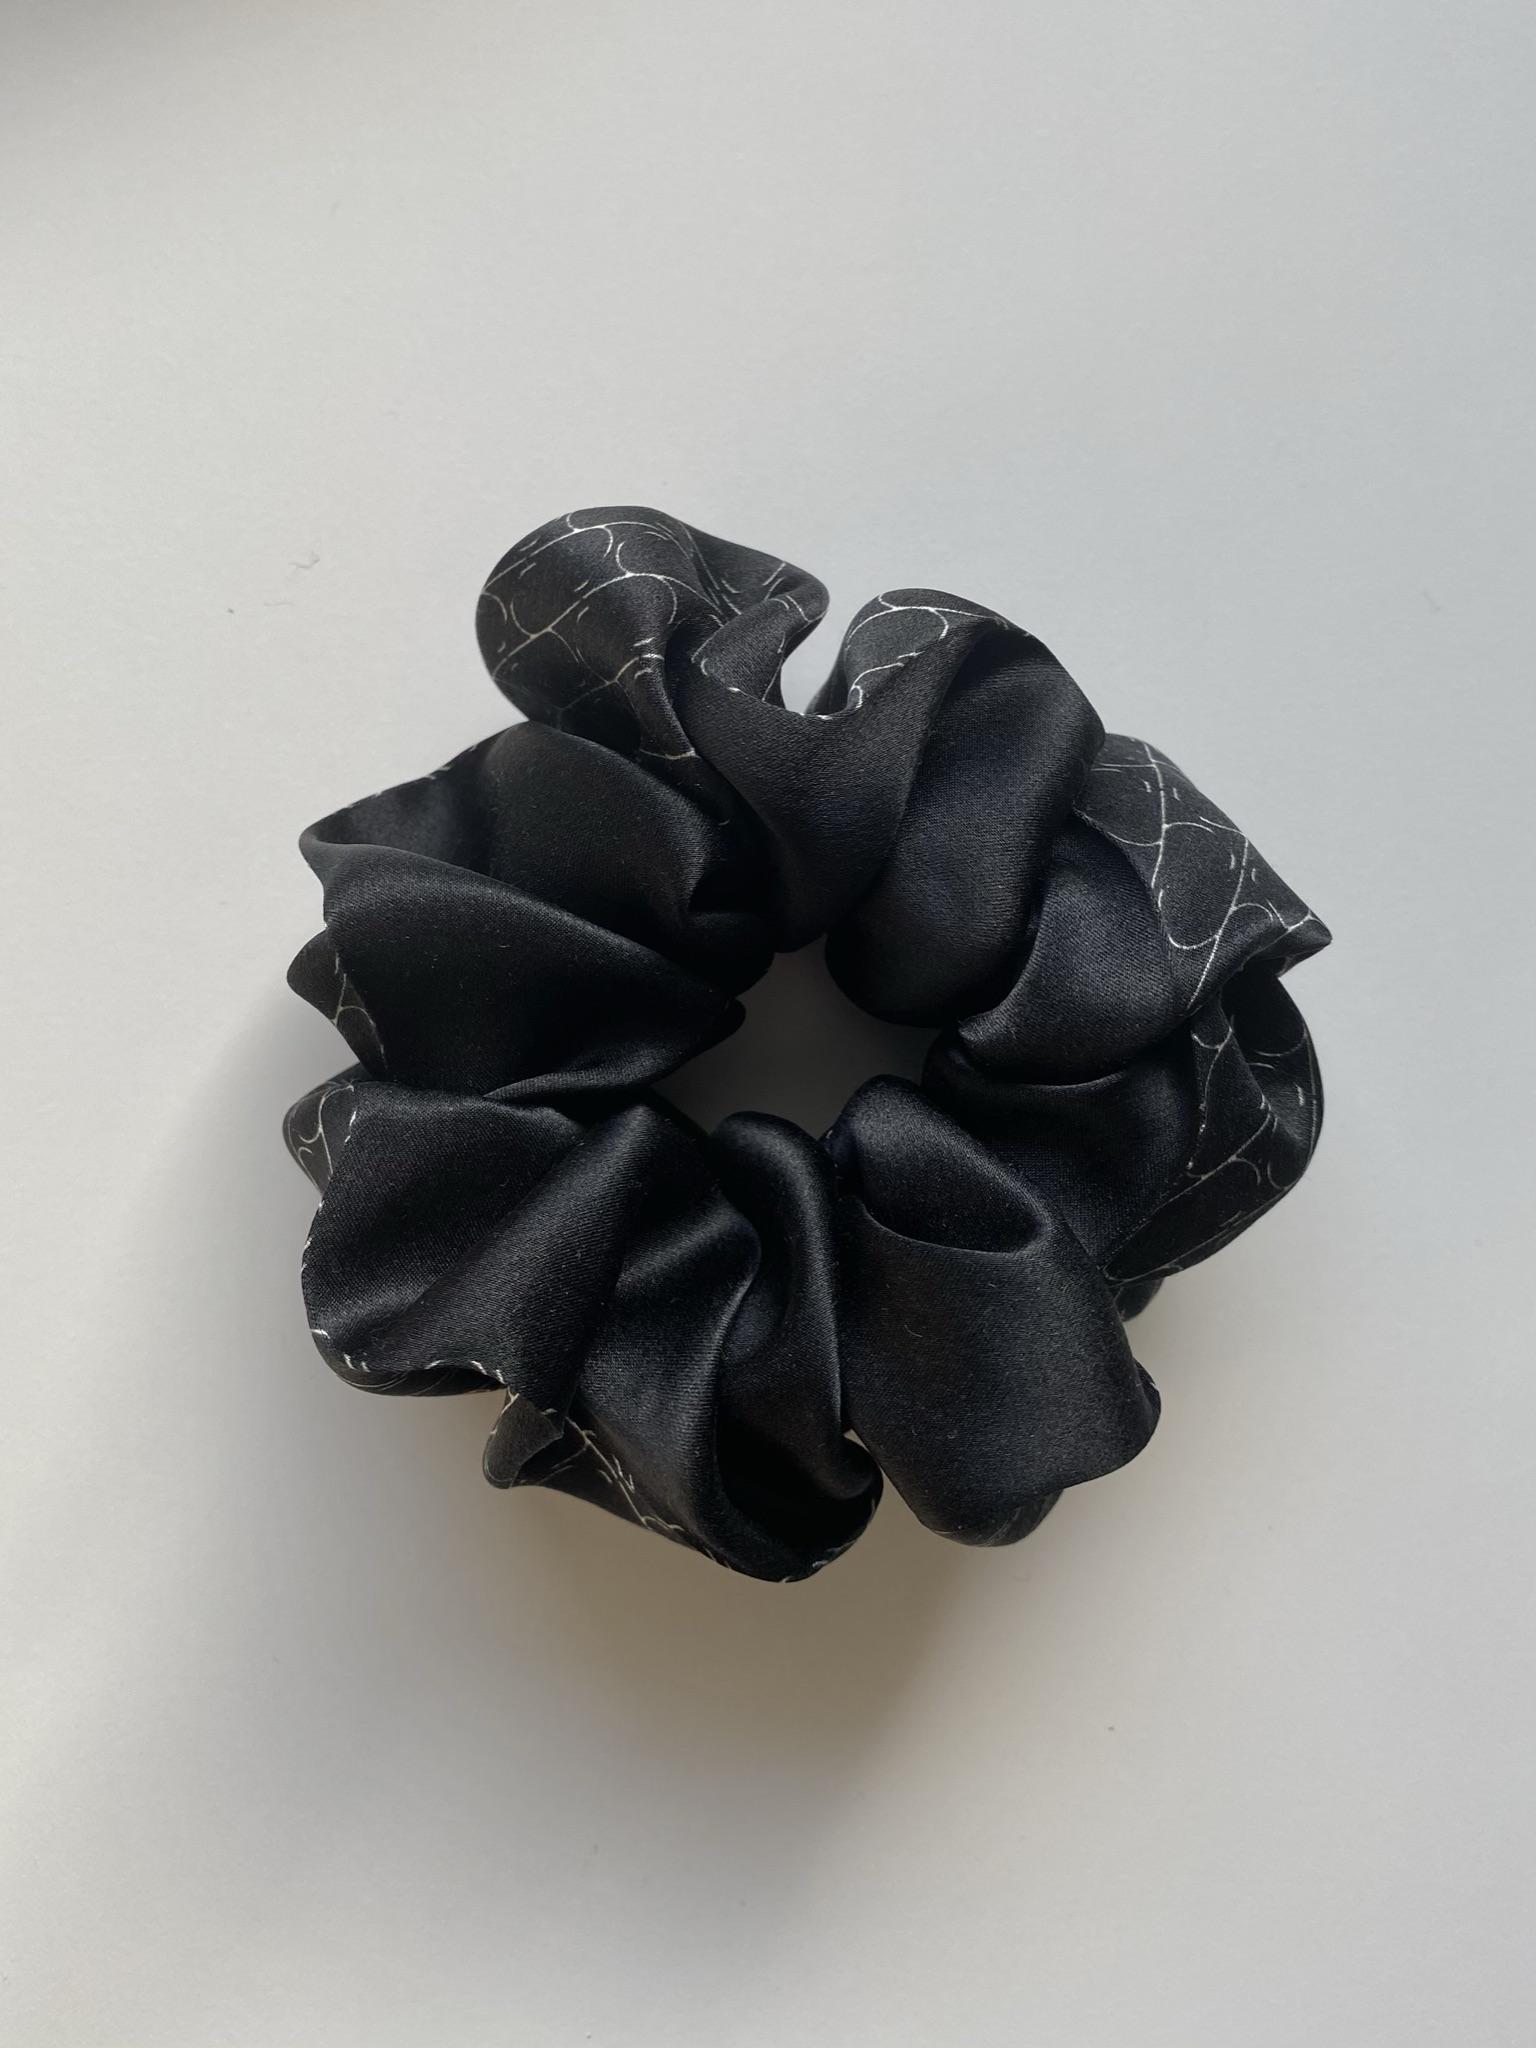 Jedwabna gumka do włosów Sine Silk BLACK - Sine Silk | JestemSlow.pl